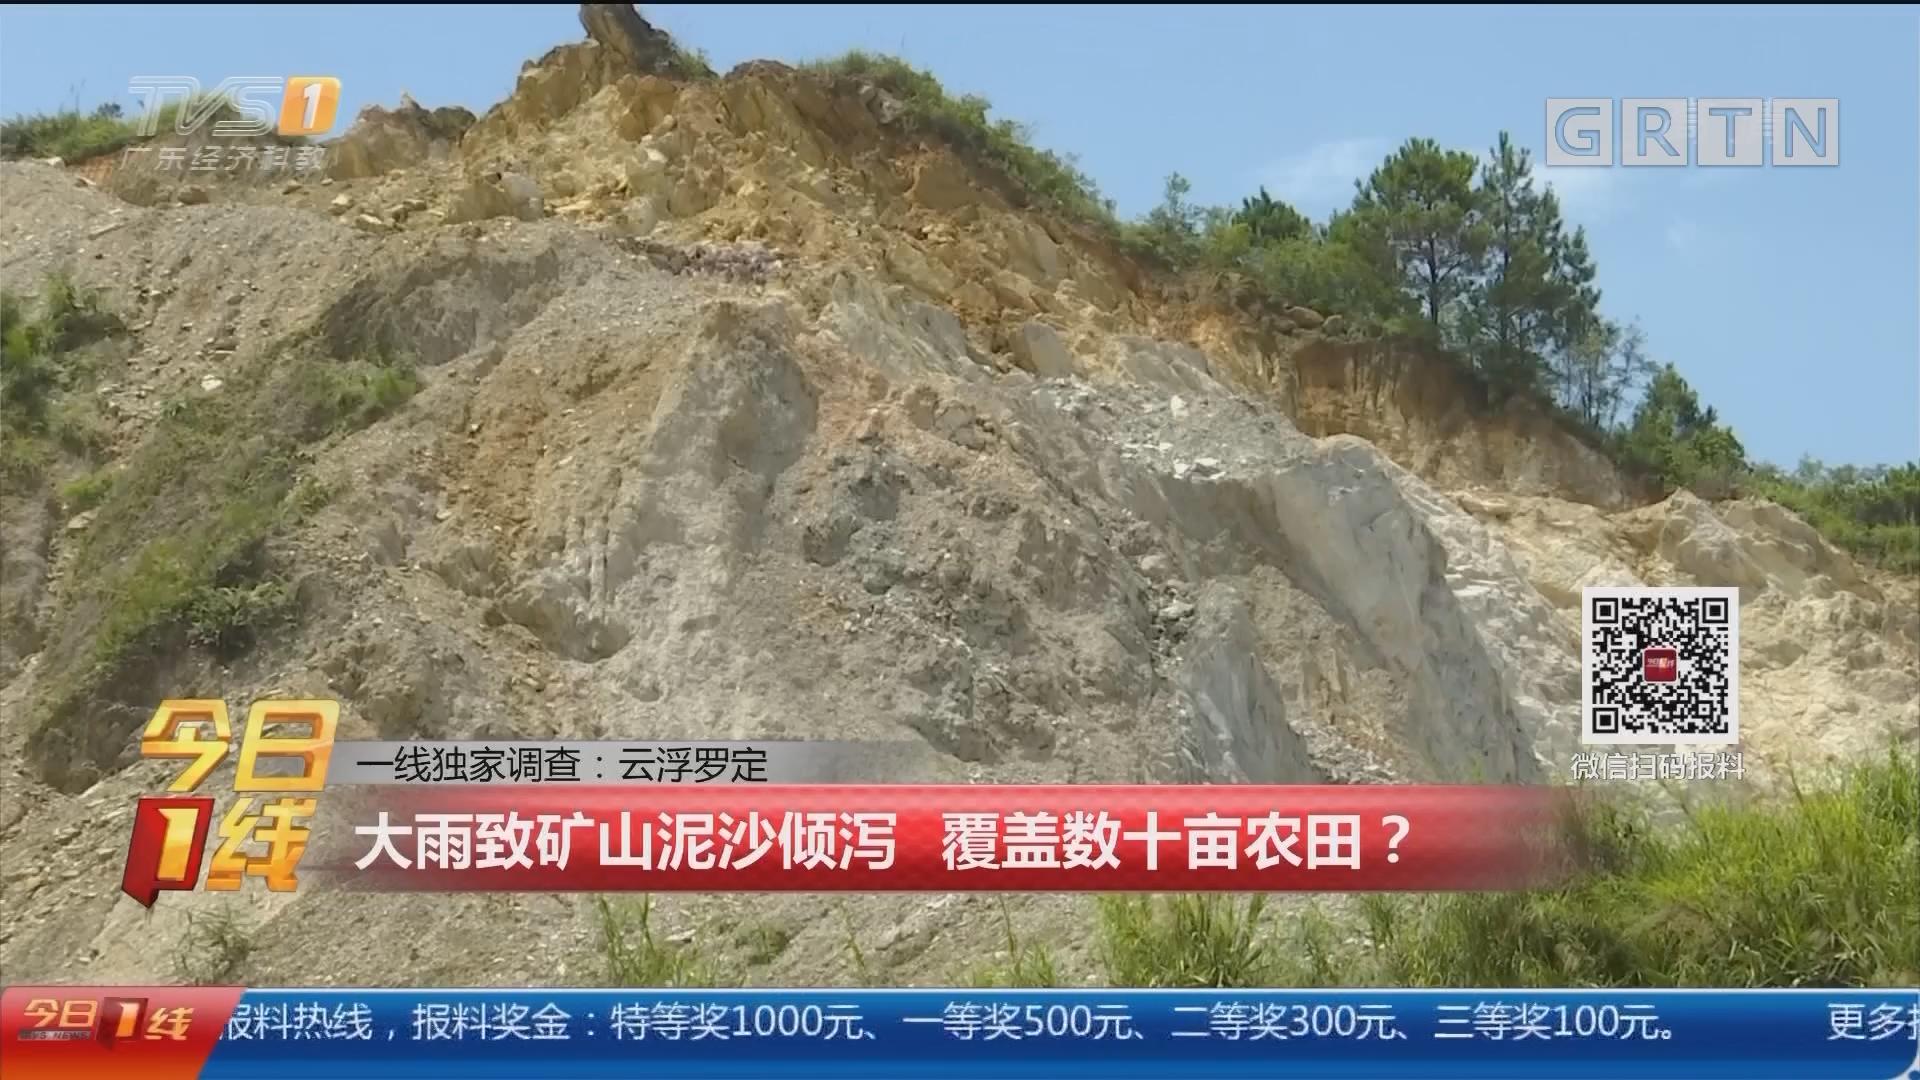 一线独家调查:云浮罗定 大雨致矿山泥沙倾泻 覆盖数十亩农田?